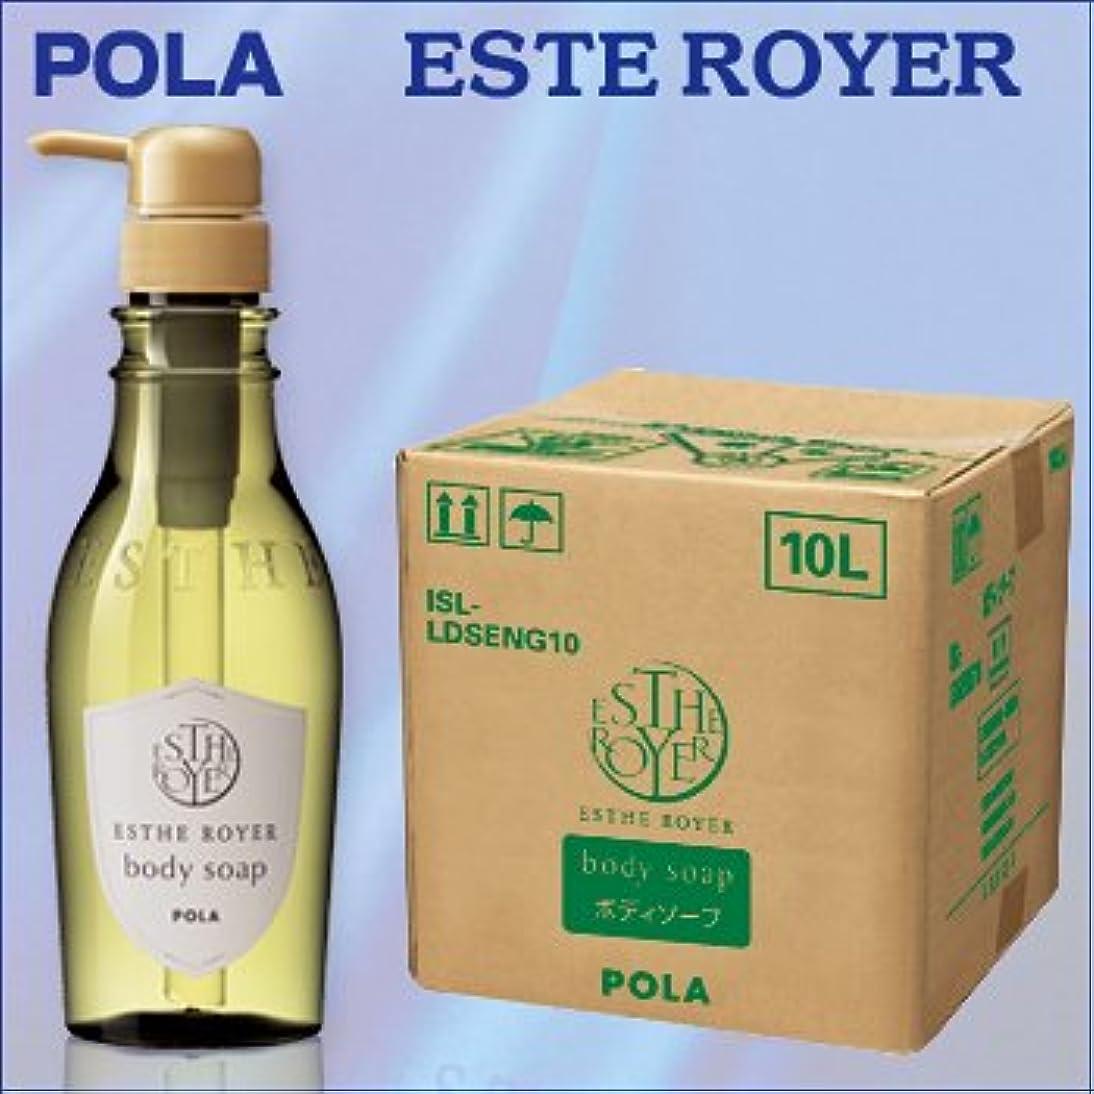 バルーン信頼不信POLA エステロワイエ 業務用ボディソープ 10L (1セット10L入)